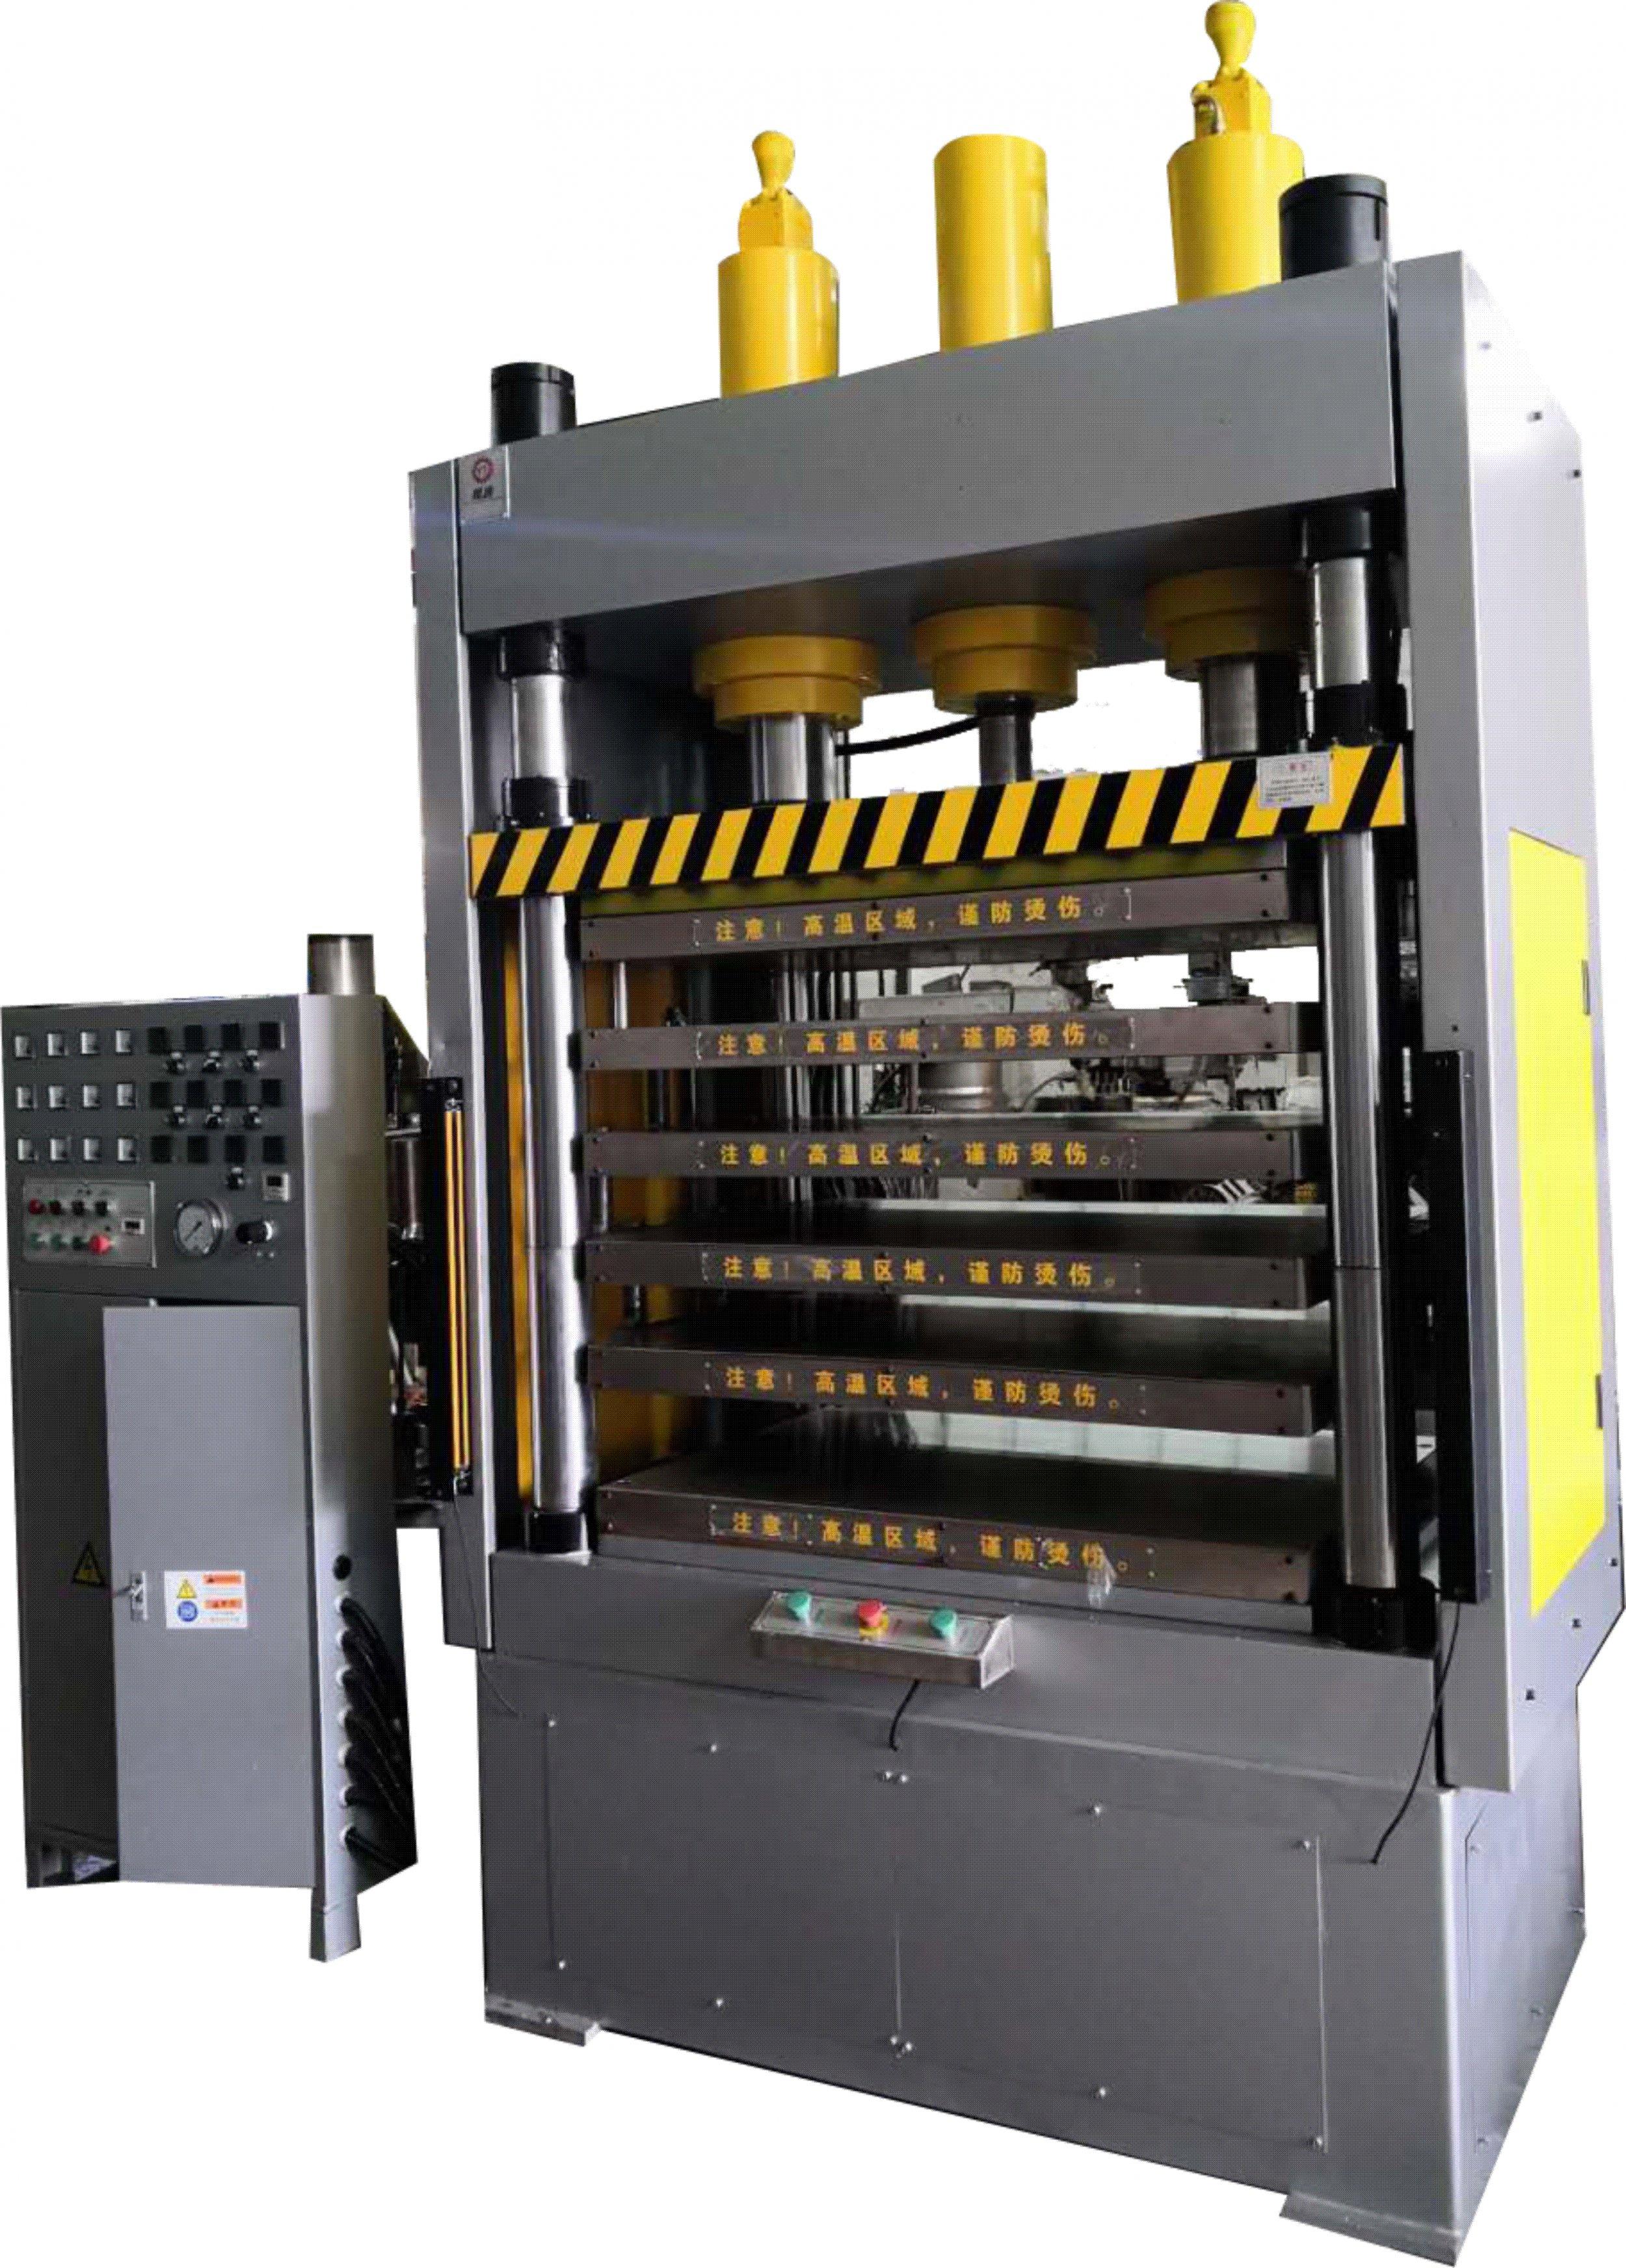 熱壓機廠家銷售的熱壓機使用后效果如何